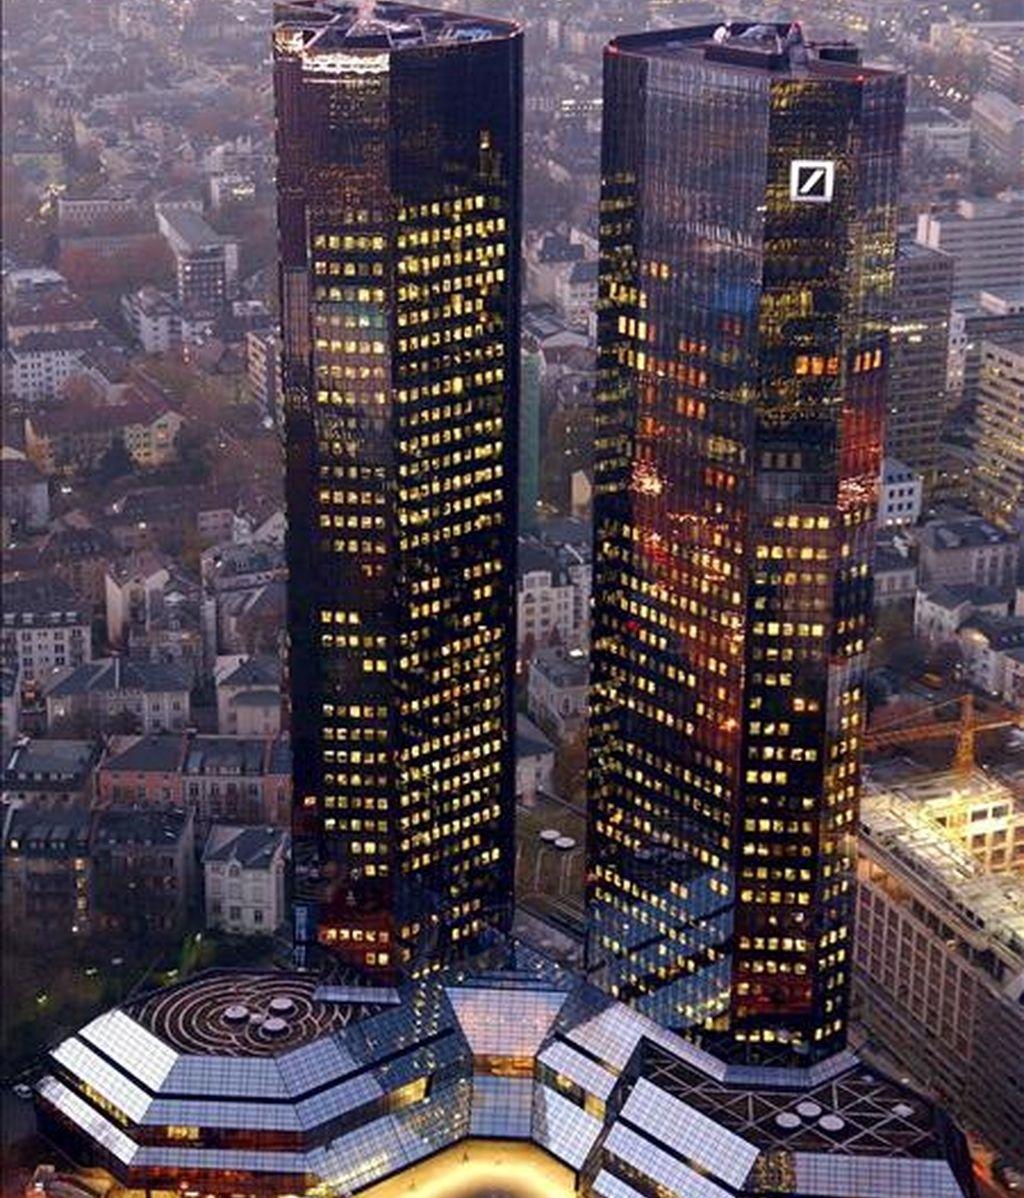 Foto del 26 de noviembre de 2007 que muestra las dos torres gemelas que albergan la sede del banco alemán Deutsche Bank en Fráncfort, Alemania. EFE/Archivo